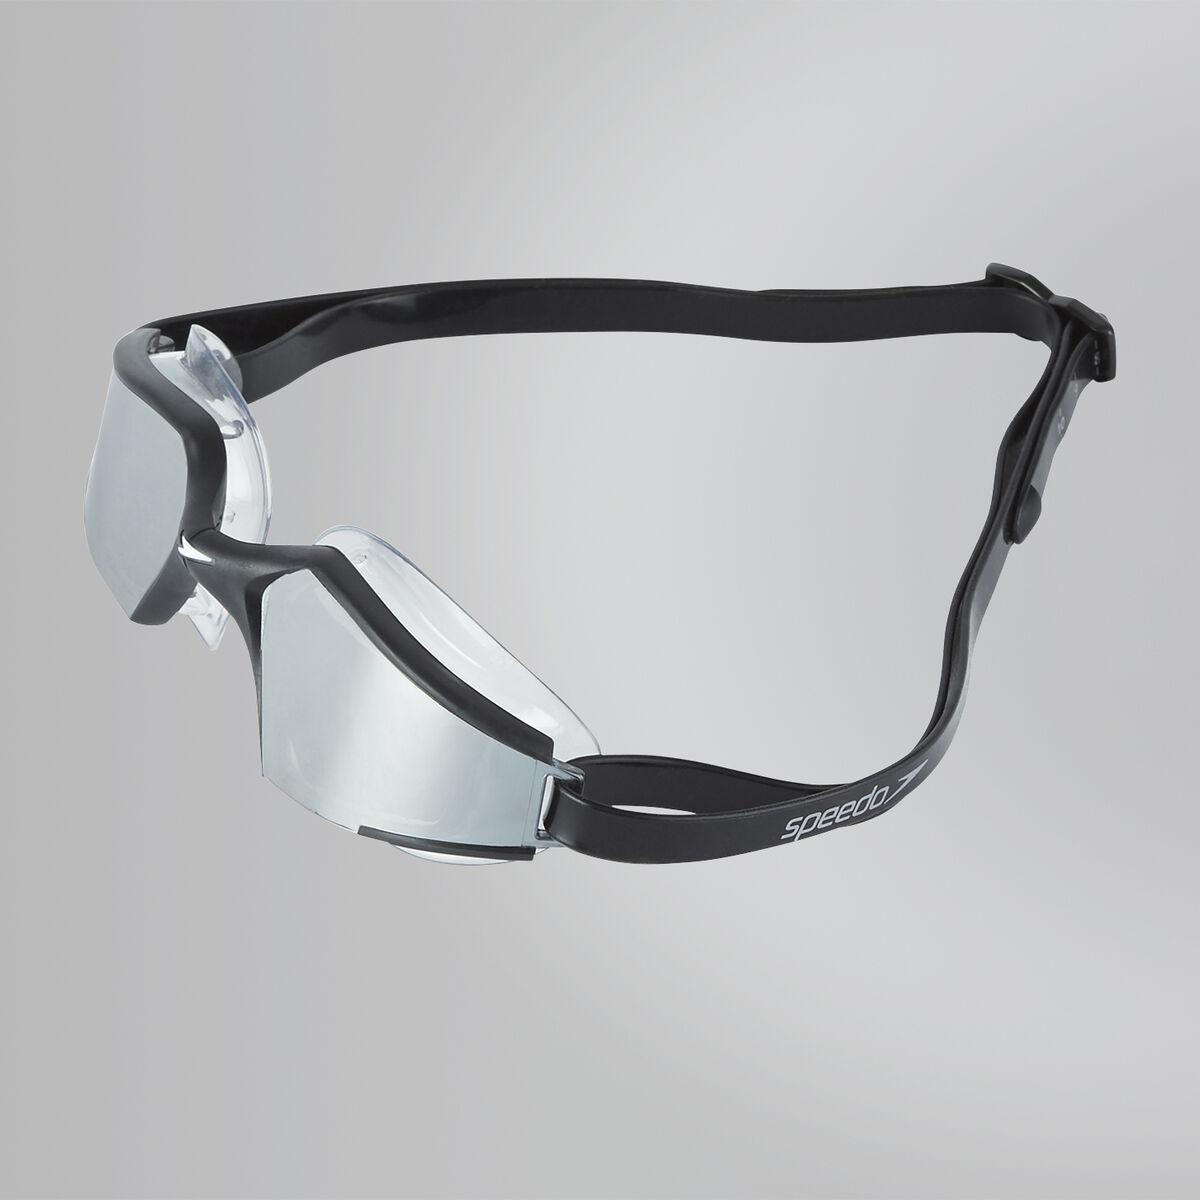 Aquapulse Max Mirror 2 Goggle